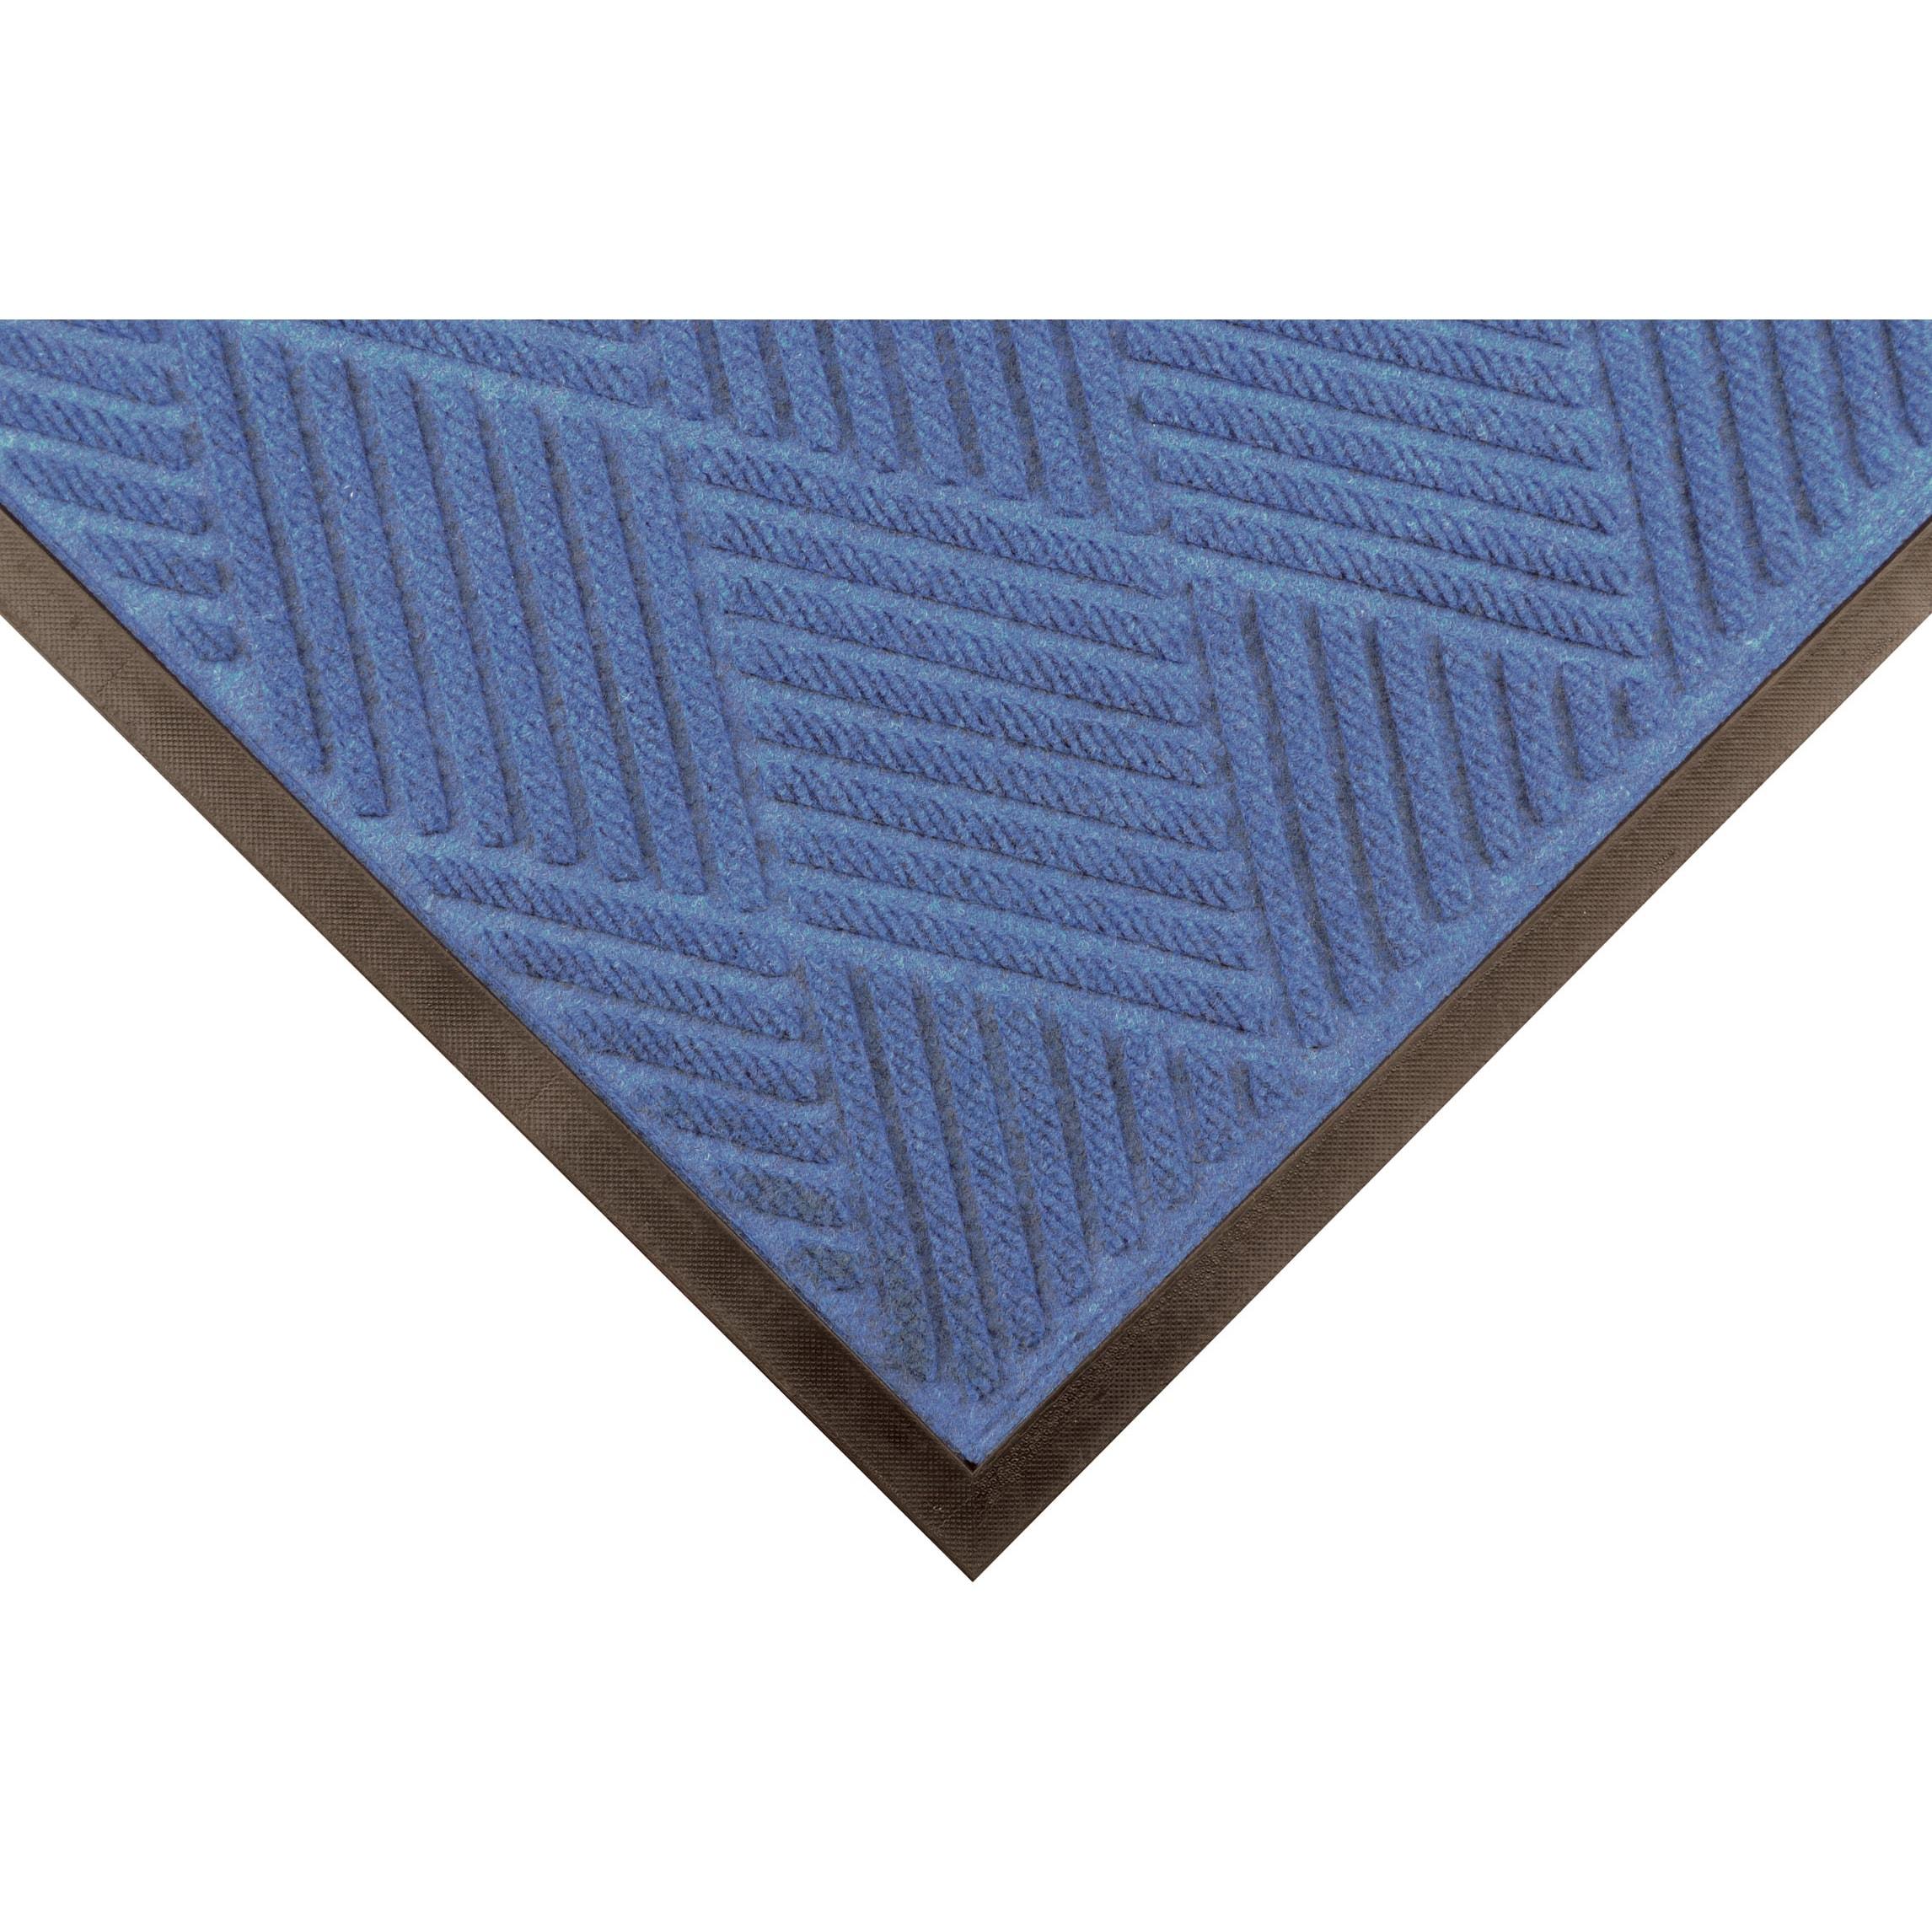 4x6 Door Mat #15 - Notrax Tufted Opus Burgundy Decalon Yarn Door Mat (4u0027 X 6u0027) - Free Shipping  Today - Overstock - 15002205